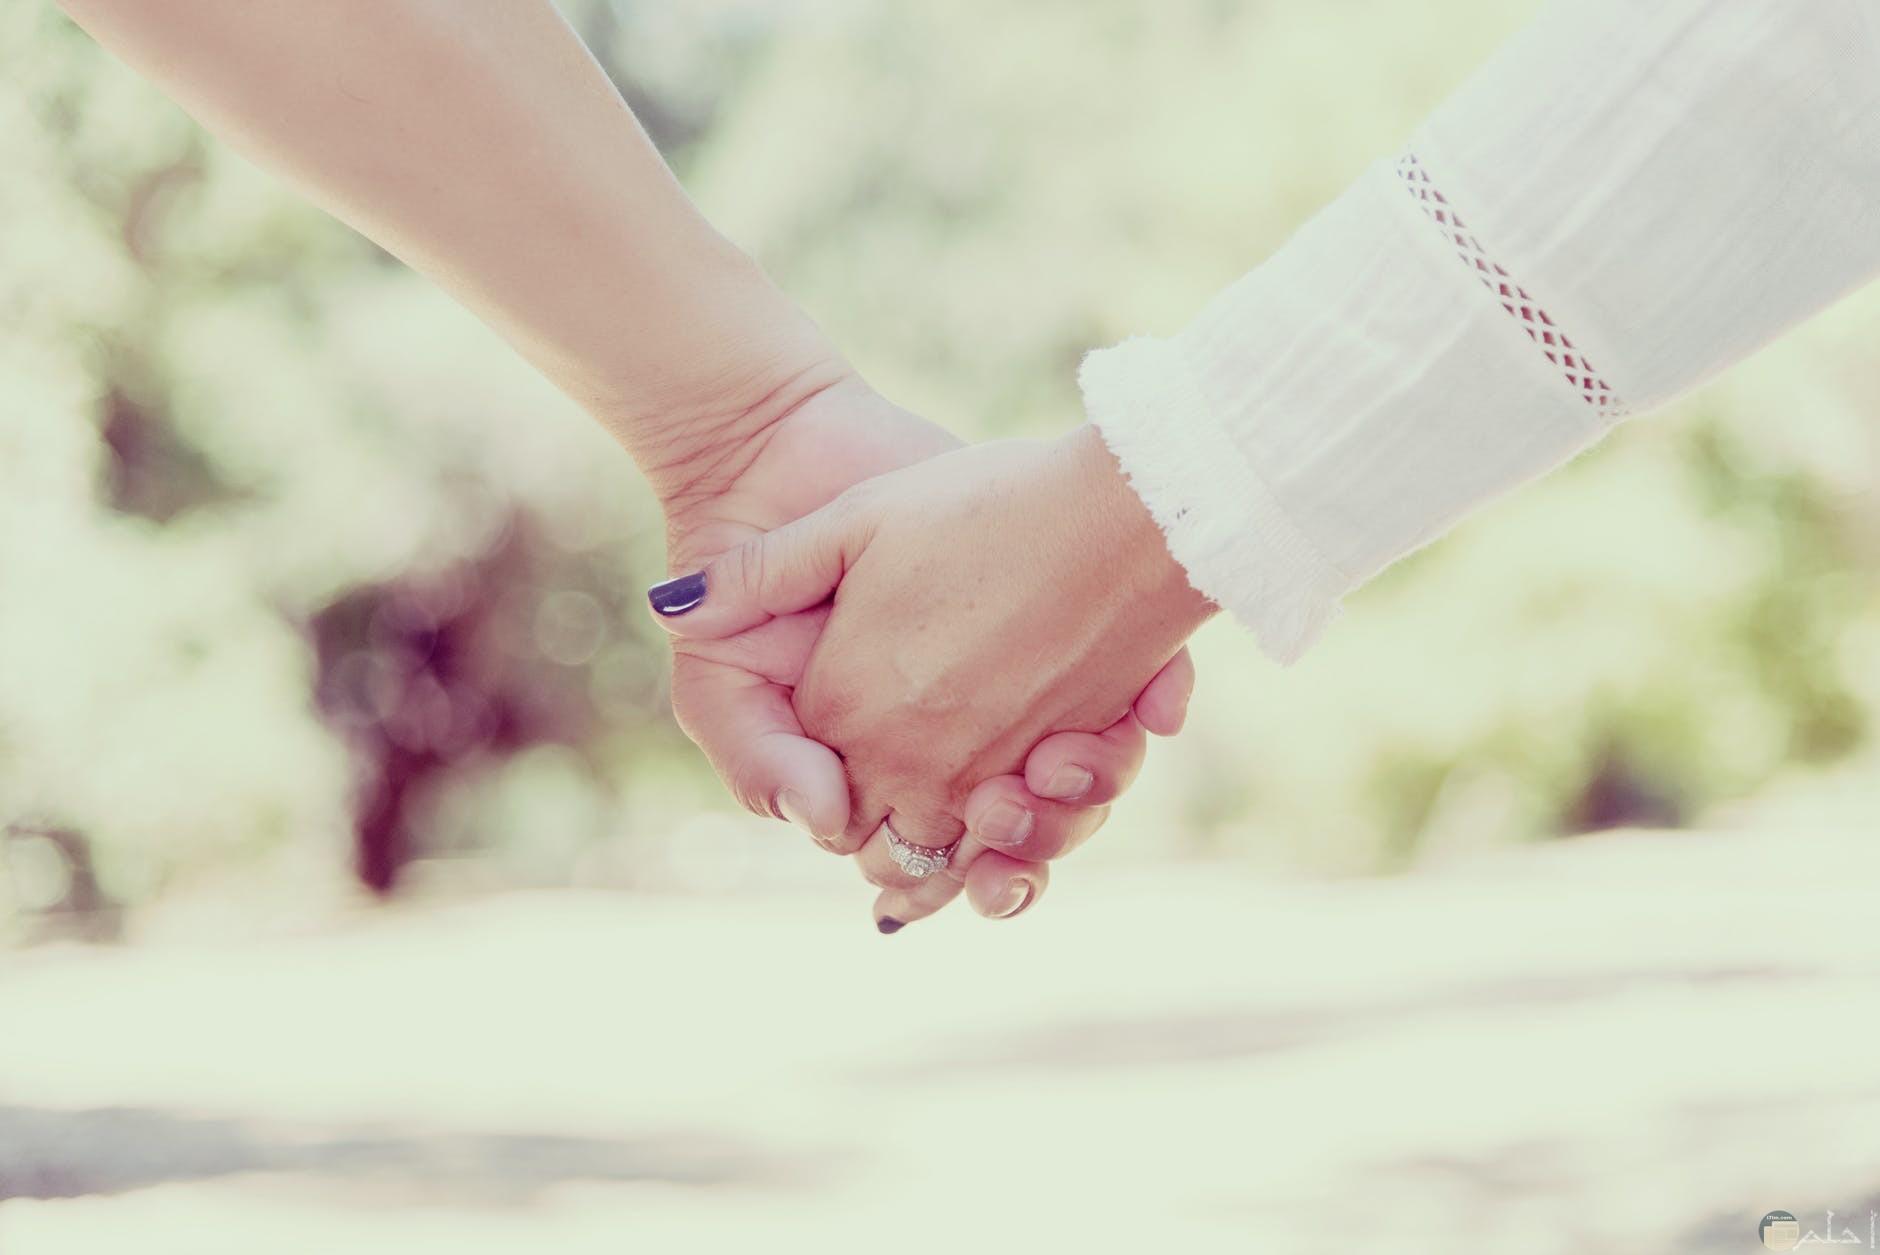 رومانسية جميلة بين الأزواج